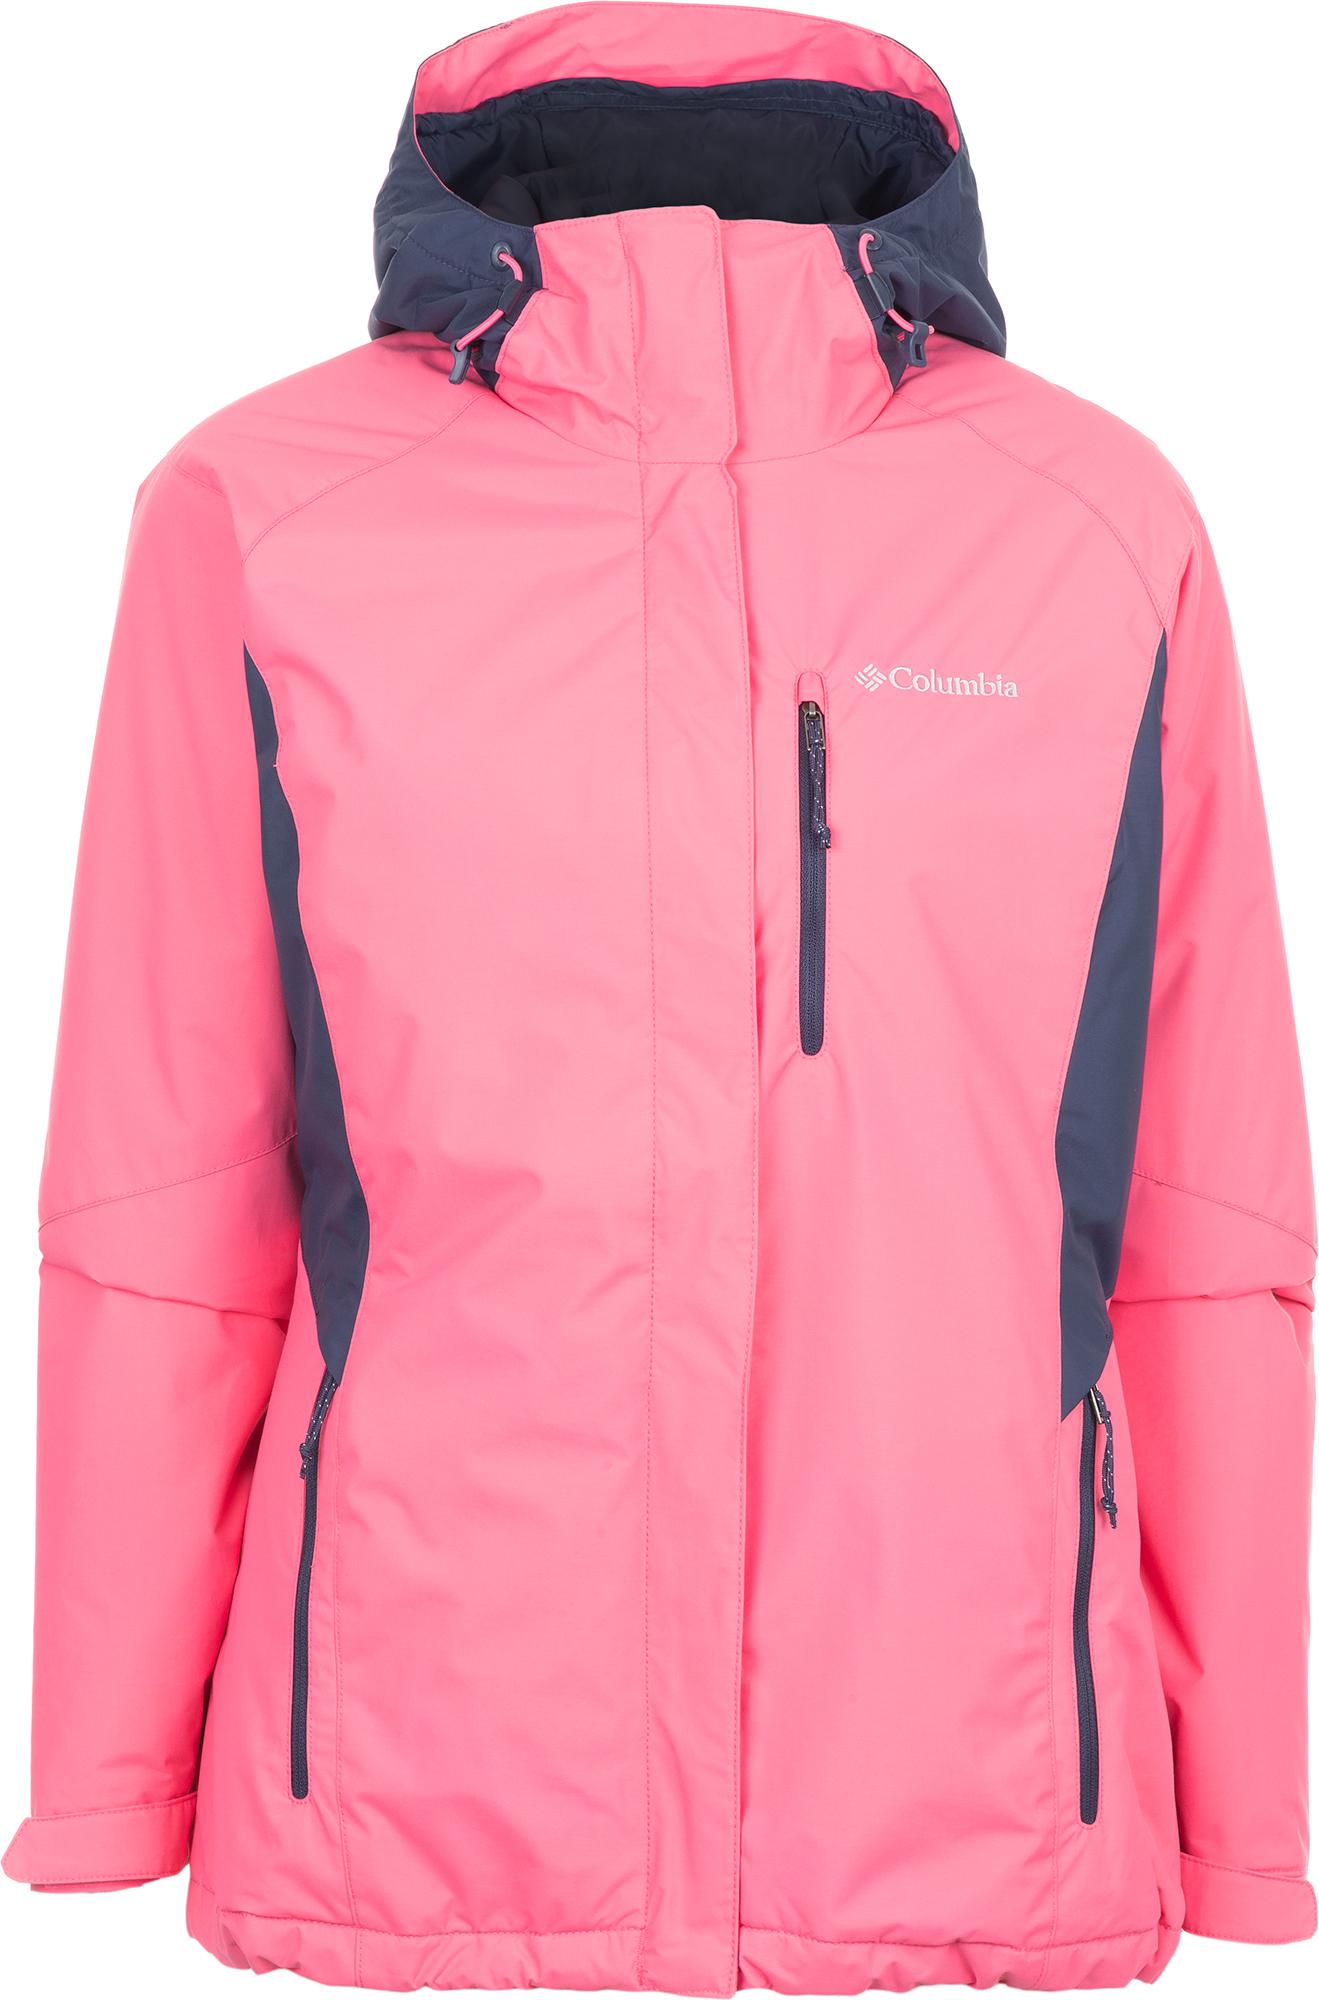 Columbia Куртка утепленная женская Columbia Montague Pines columbia куртка утепленная для девочек columbia horizon ride